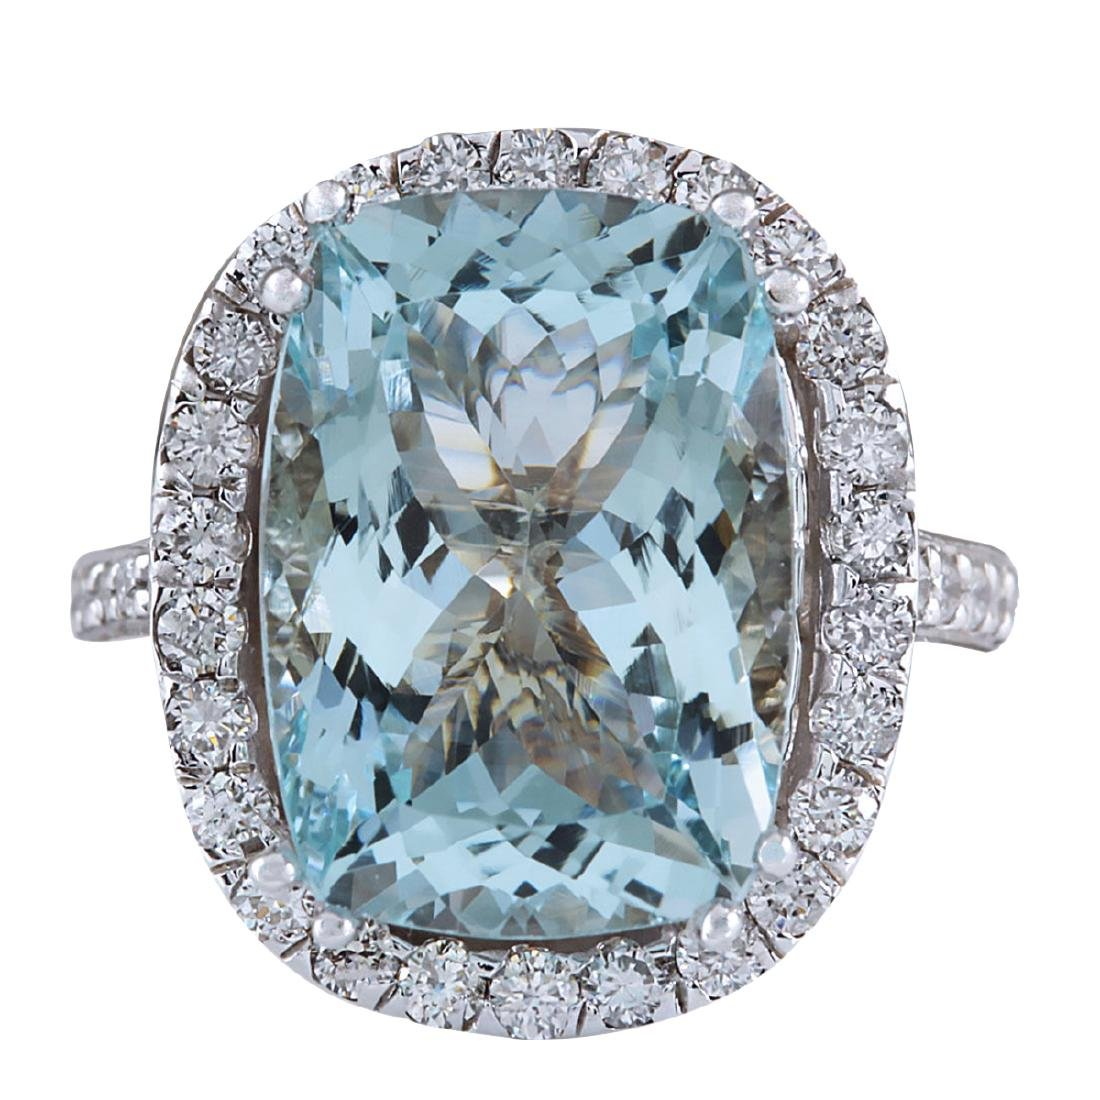 8.62CTW Natural Blue Aquamarine Diamond Ring 18K Solid